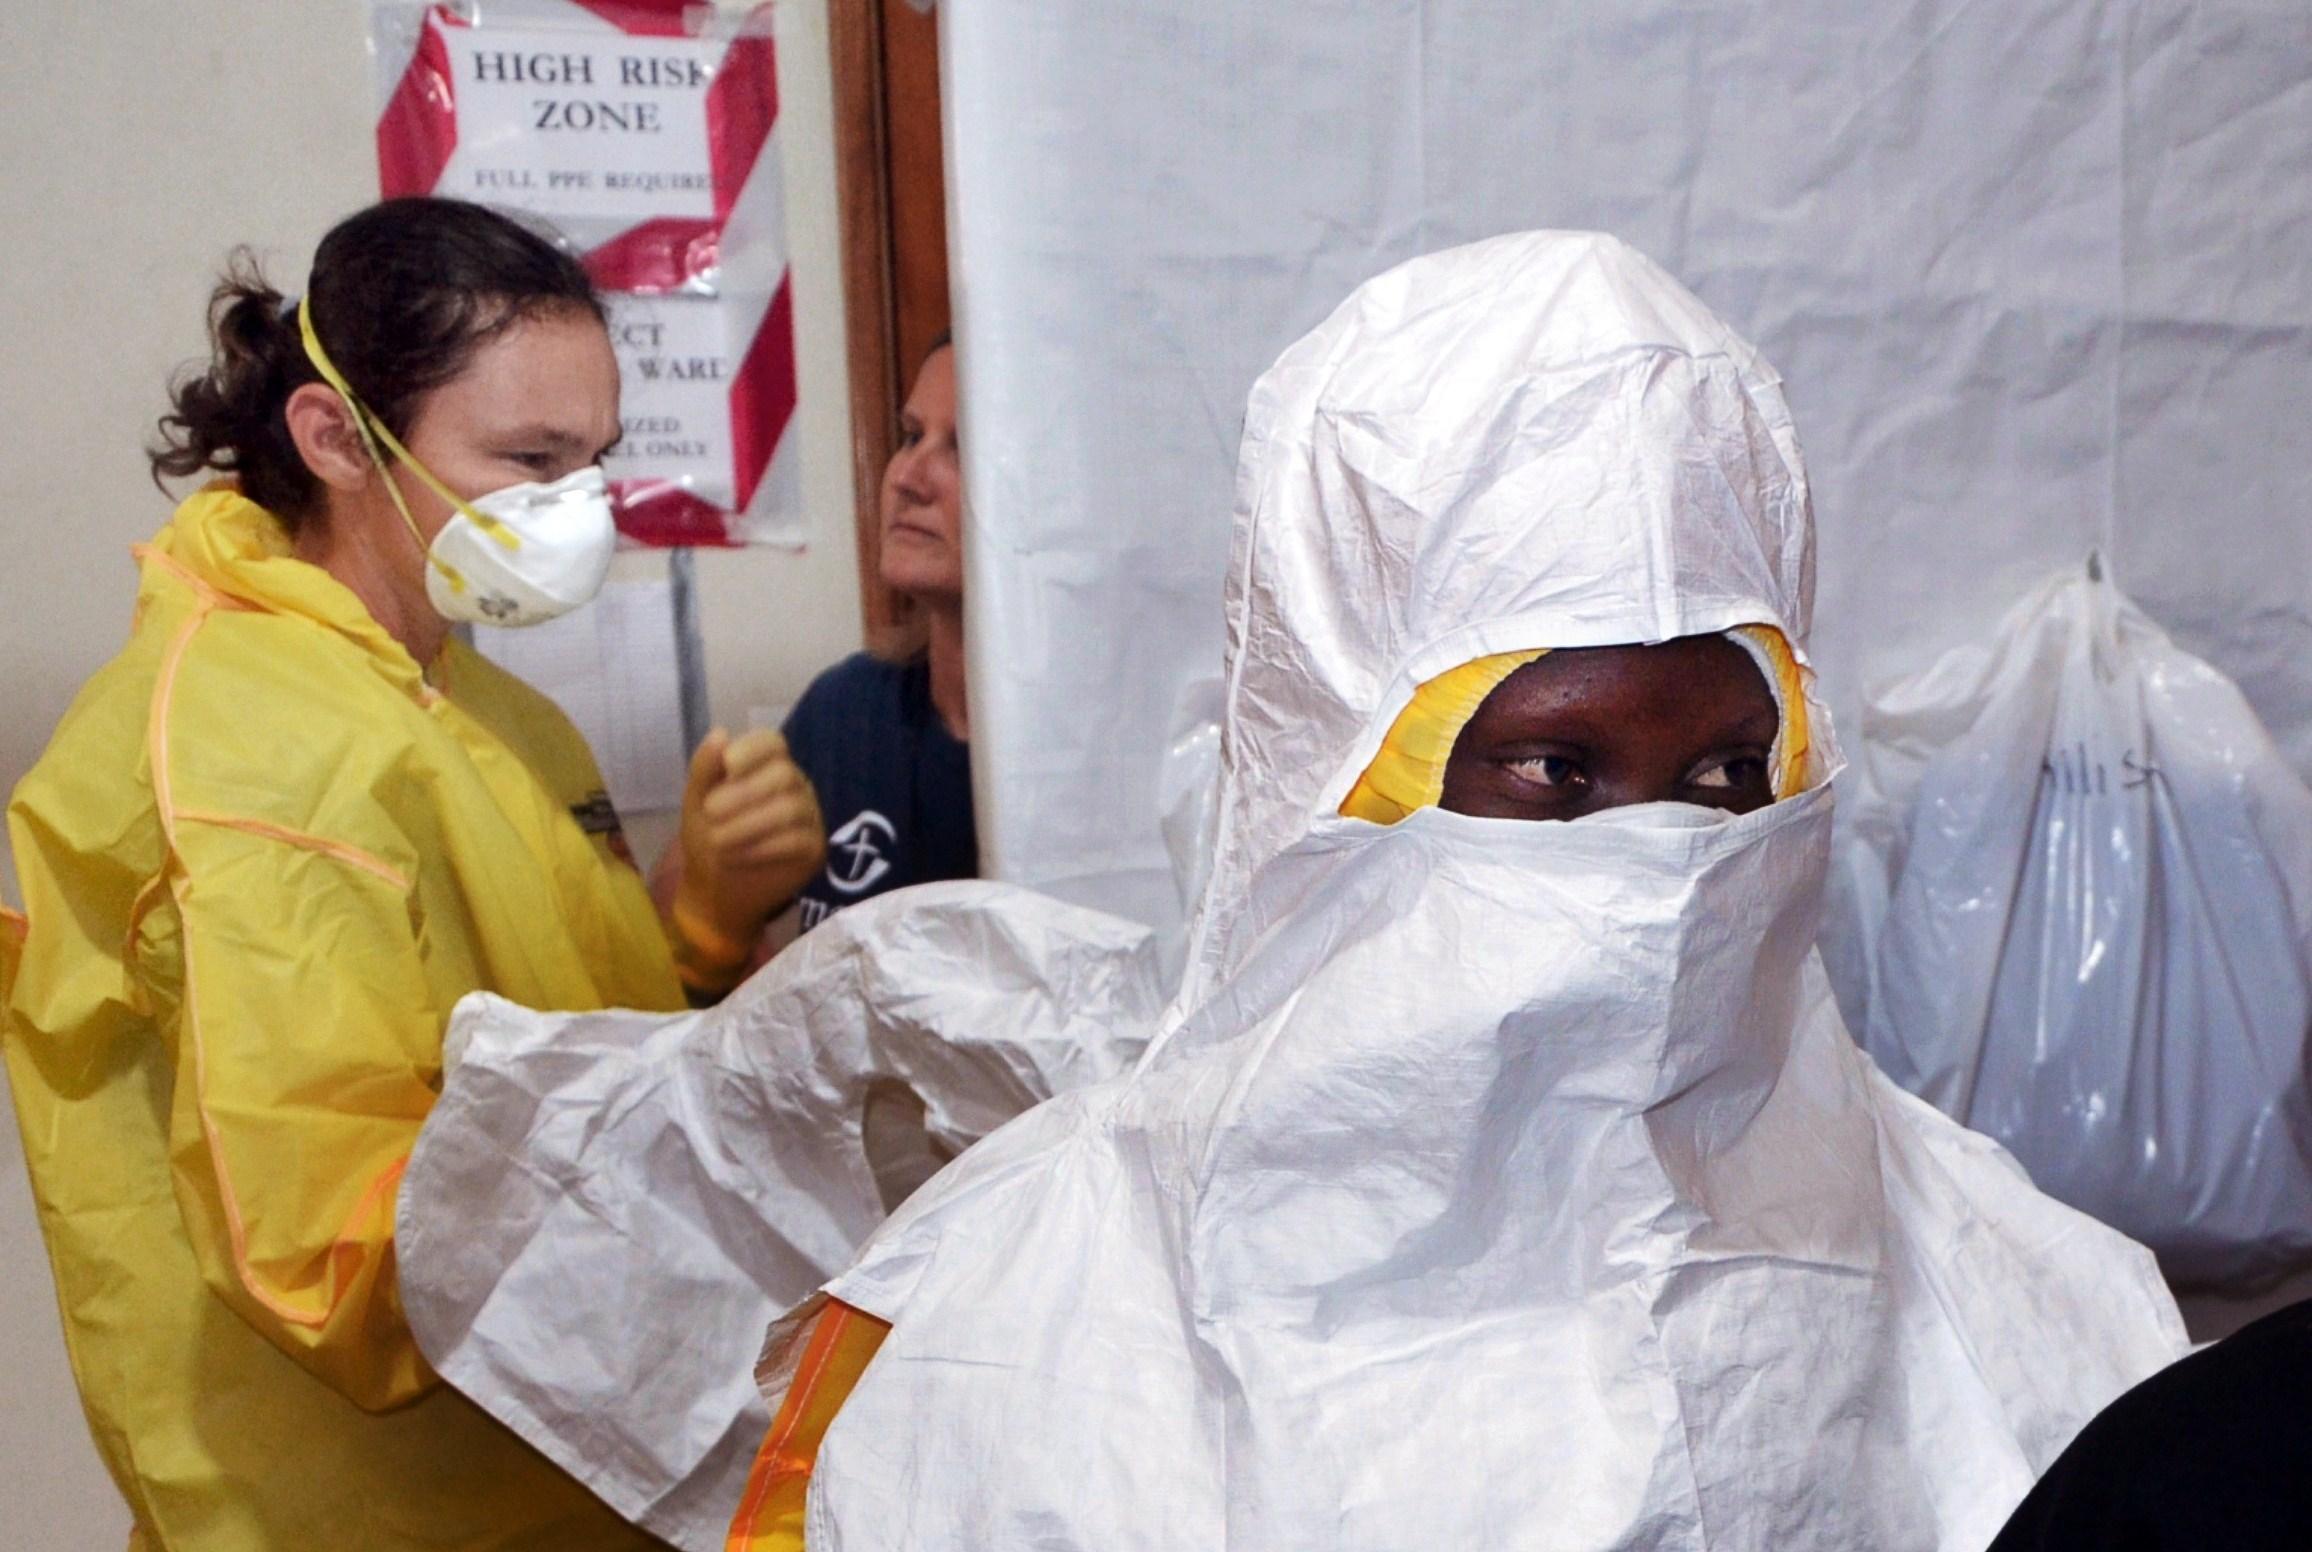 Epidemia de Ebola s-a soldat cu 3.338 de morti in Africa de Vest. Liberia, Guineea si Sierra Leone, cel mai grav afectate